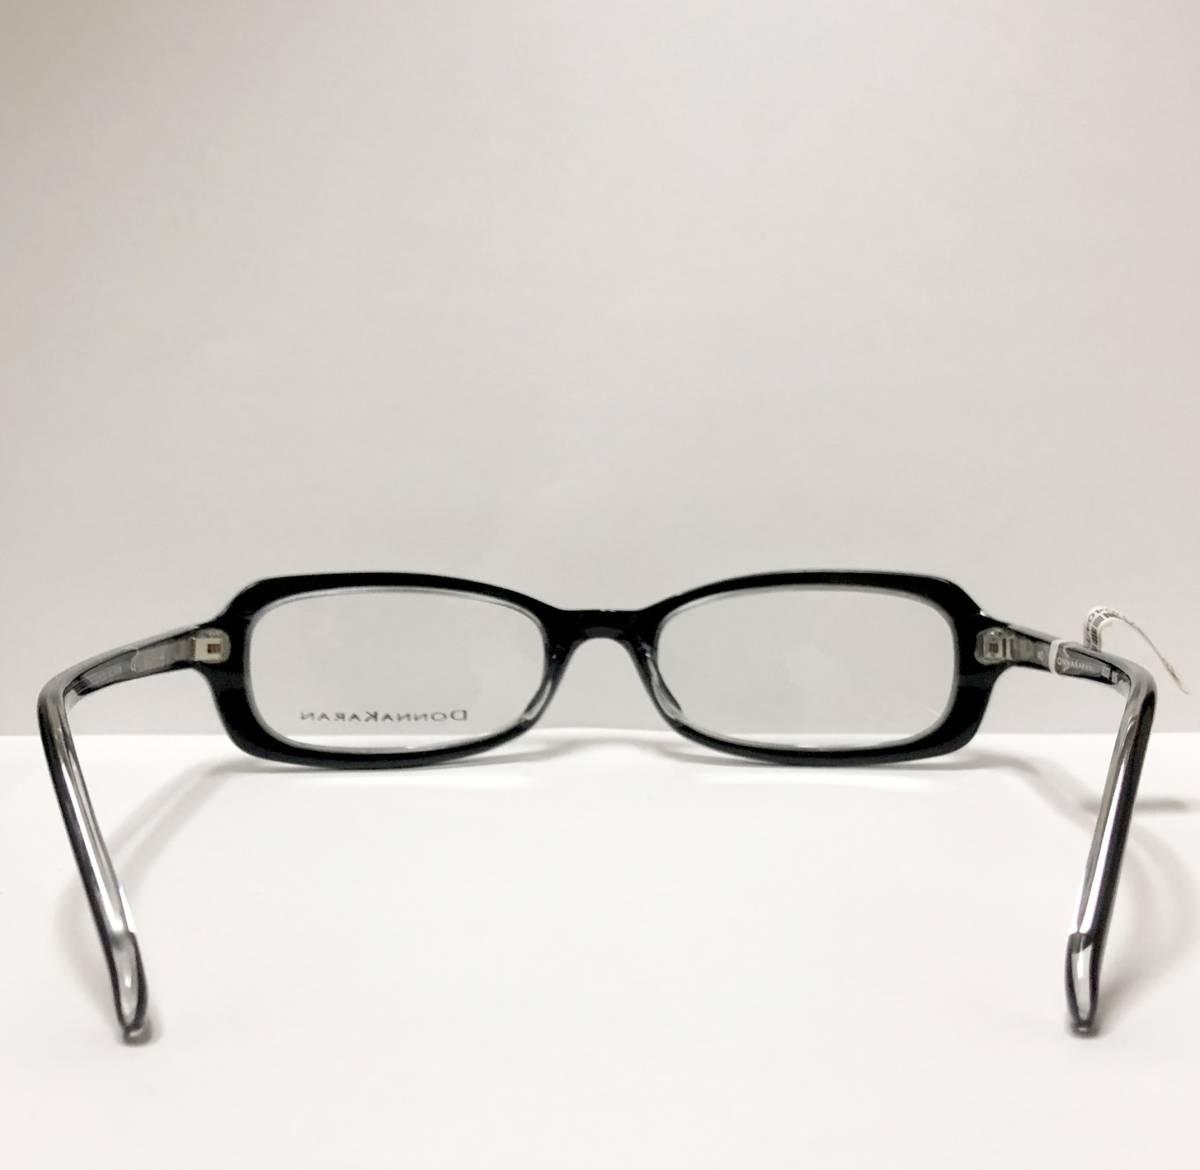 ダナキャラン 正規新品 日本製メガネ 米国ブランド Donna Karan_画像7